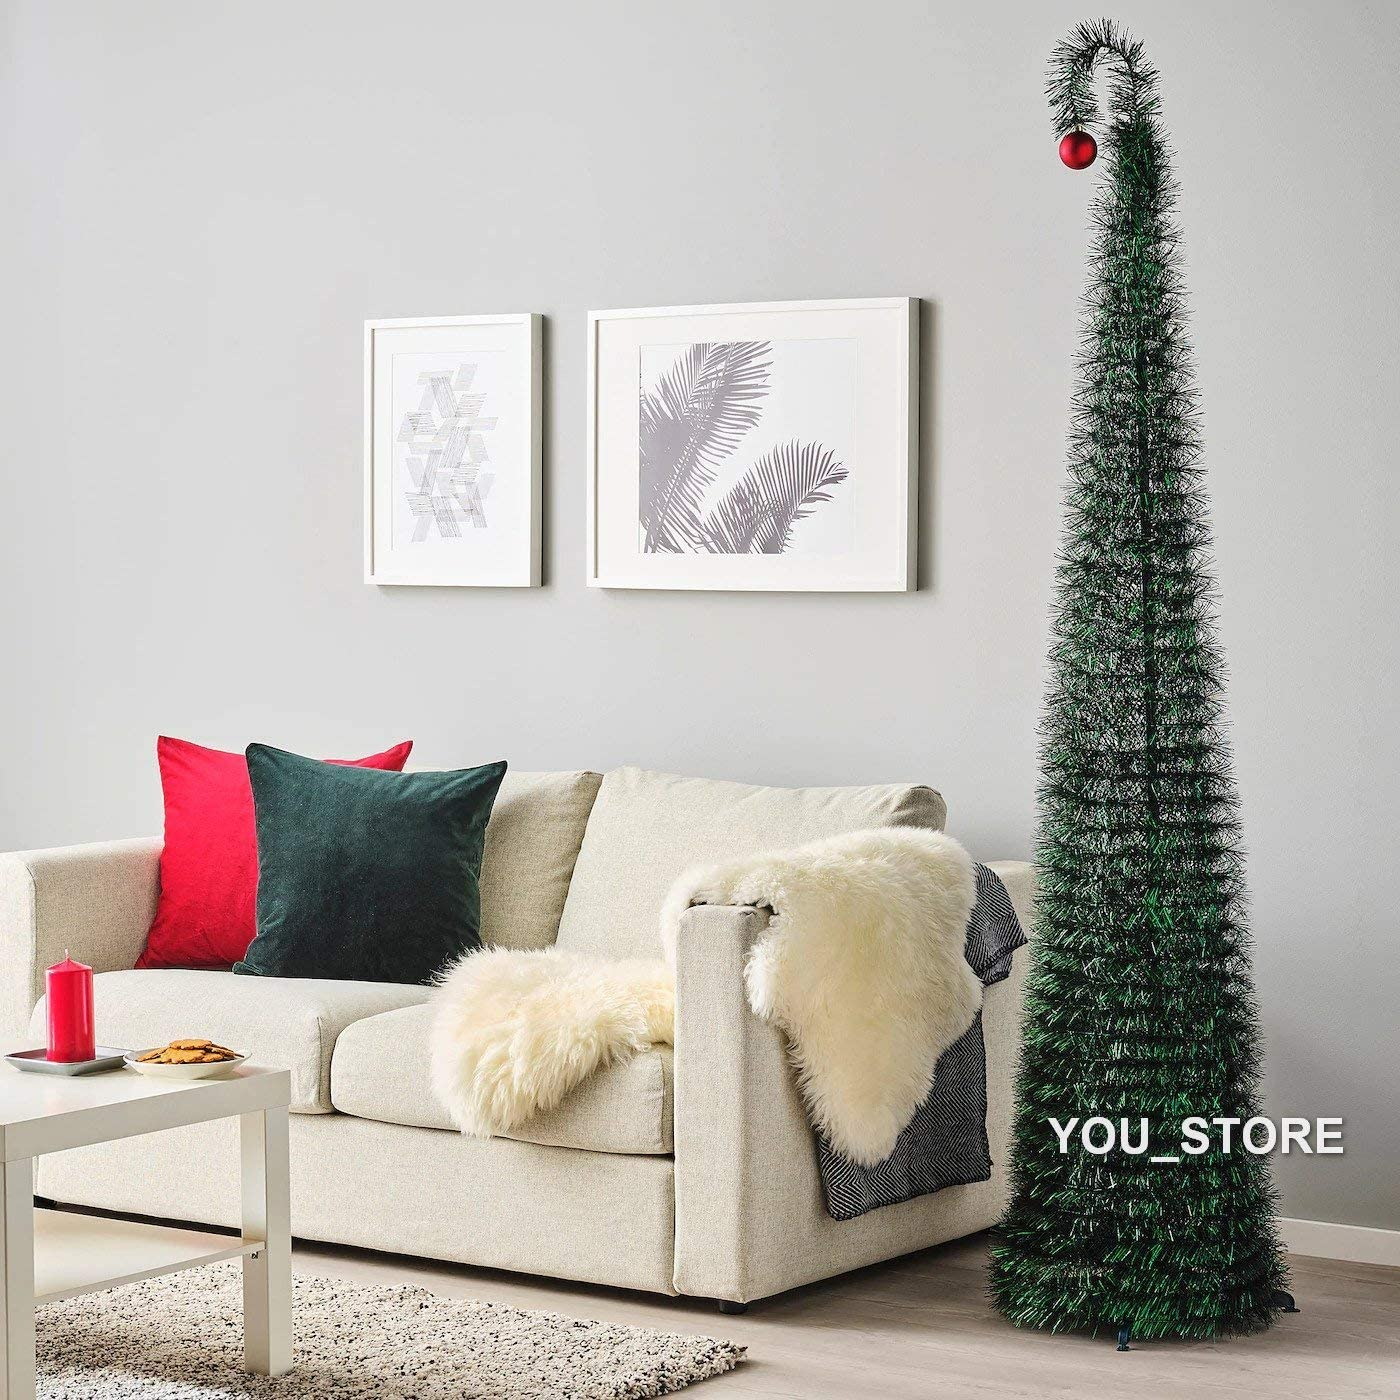 Albero Di Natale Ikea.Ikea Vinterfest Decorazione Albero Di Natale Artificiale Verde 180 Cm Amazon It Casa E Cucina